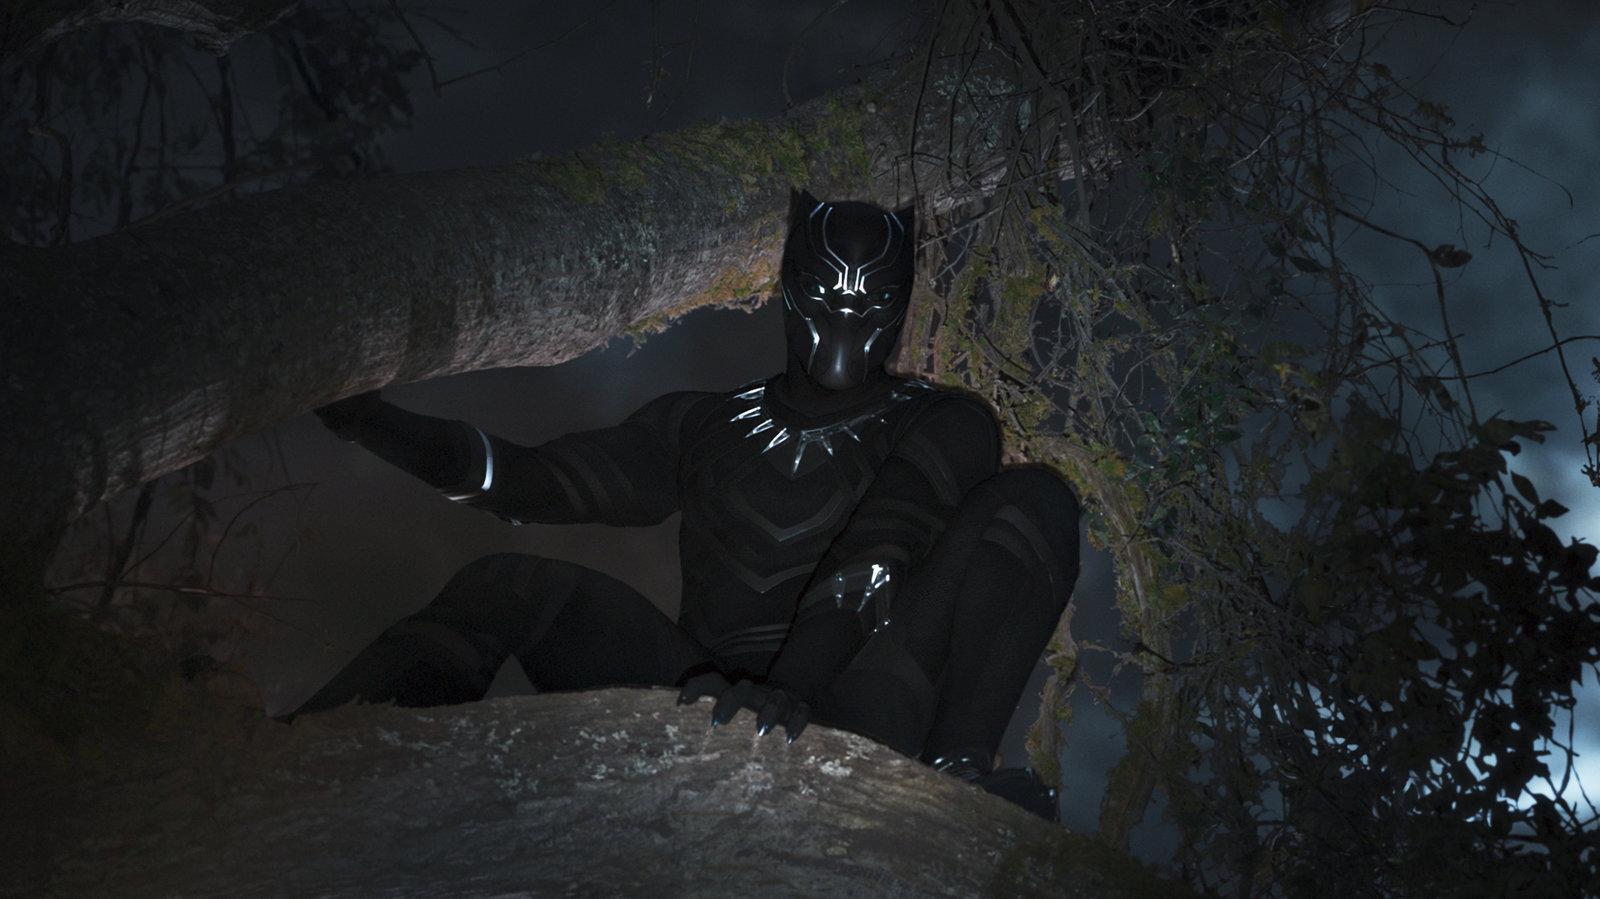 Режиссер «Черной пантеры» работает над сериалом про Ваканду